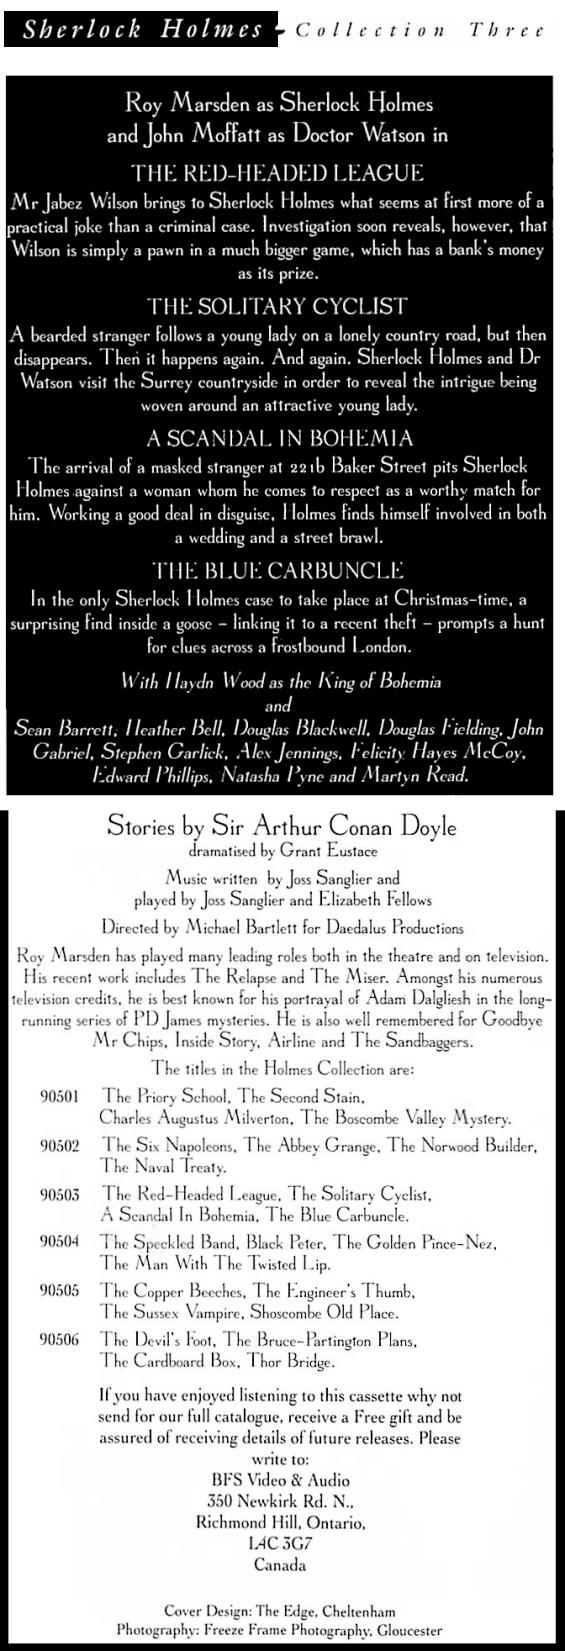 BFS Audio - Sherlock Holmes Collection Three - interior details